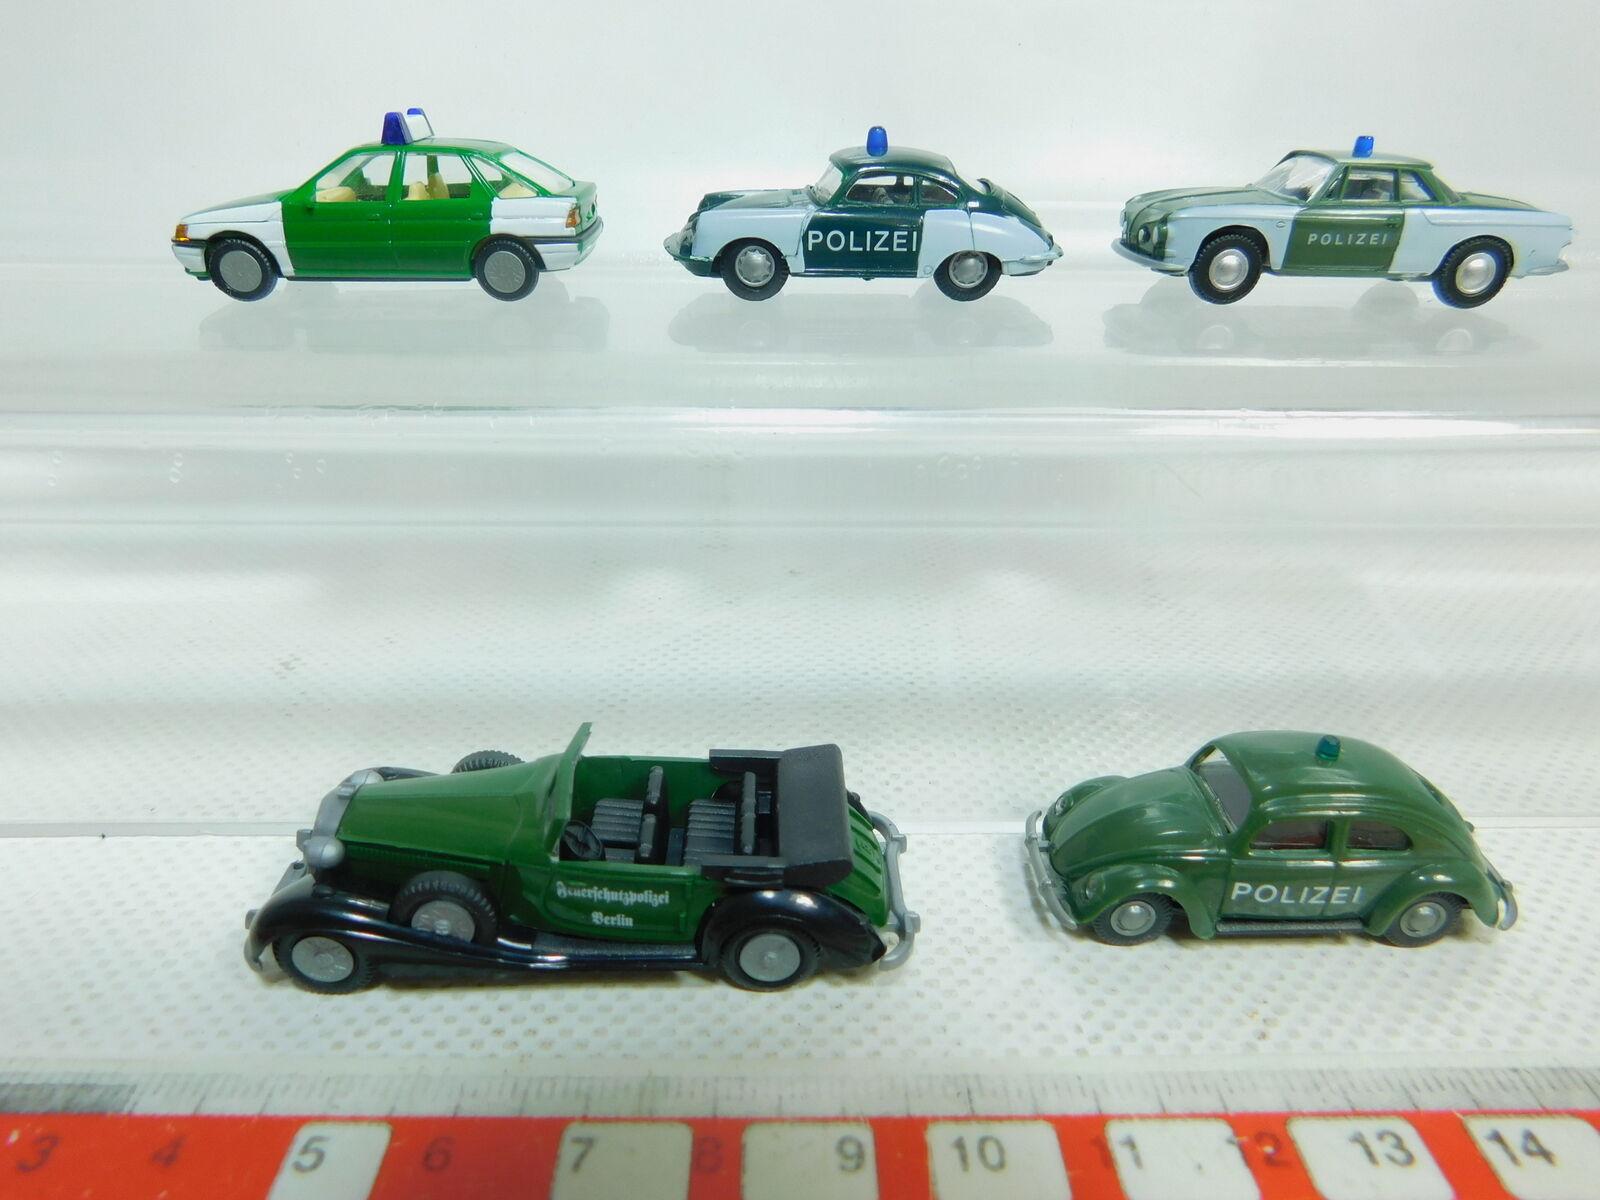 Bn179-0, 5  5x praliné h0 1 87 policía-modelo policía-modelo policía-modelo  ford + VW Porsche + + horch, Neuw ccdf44